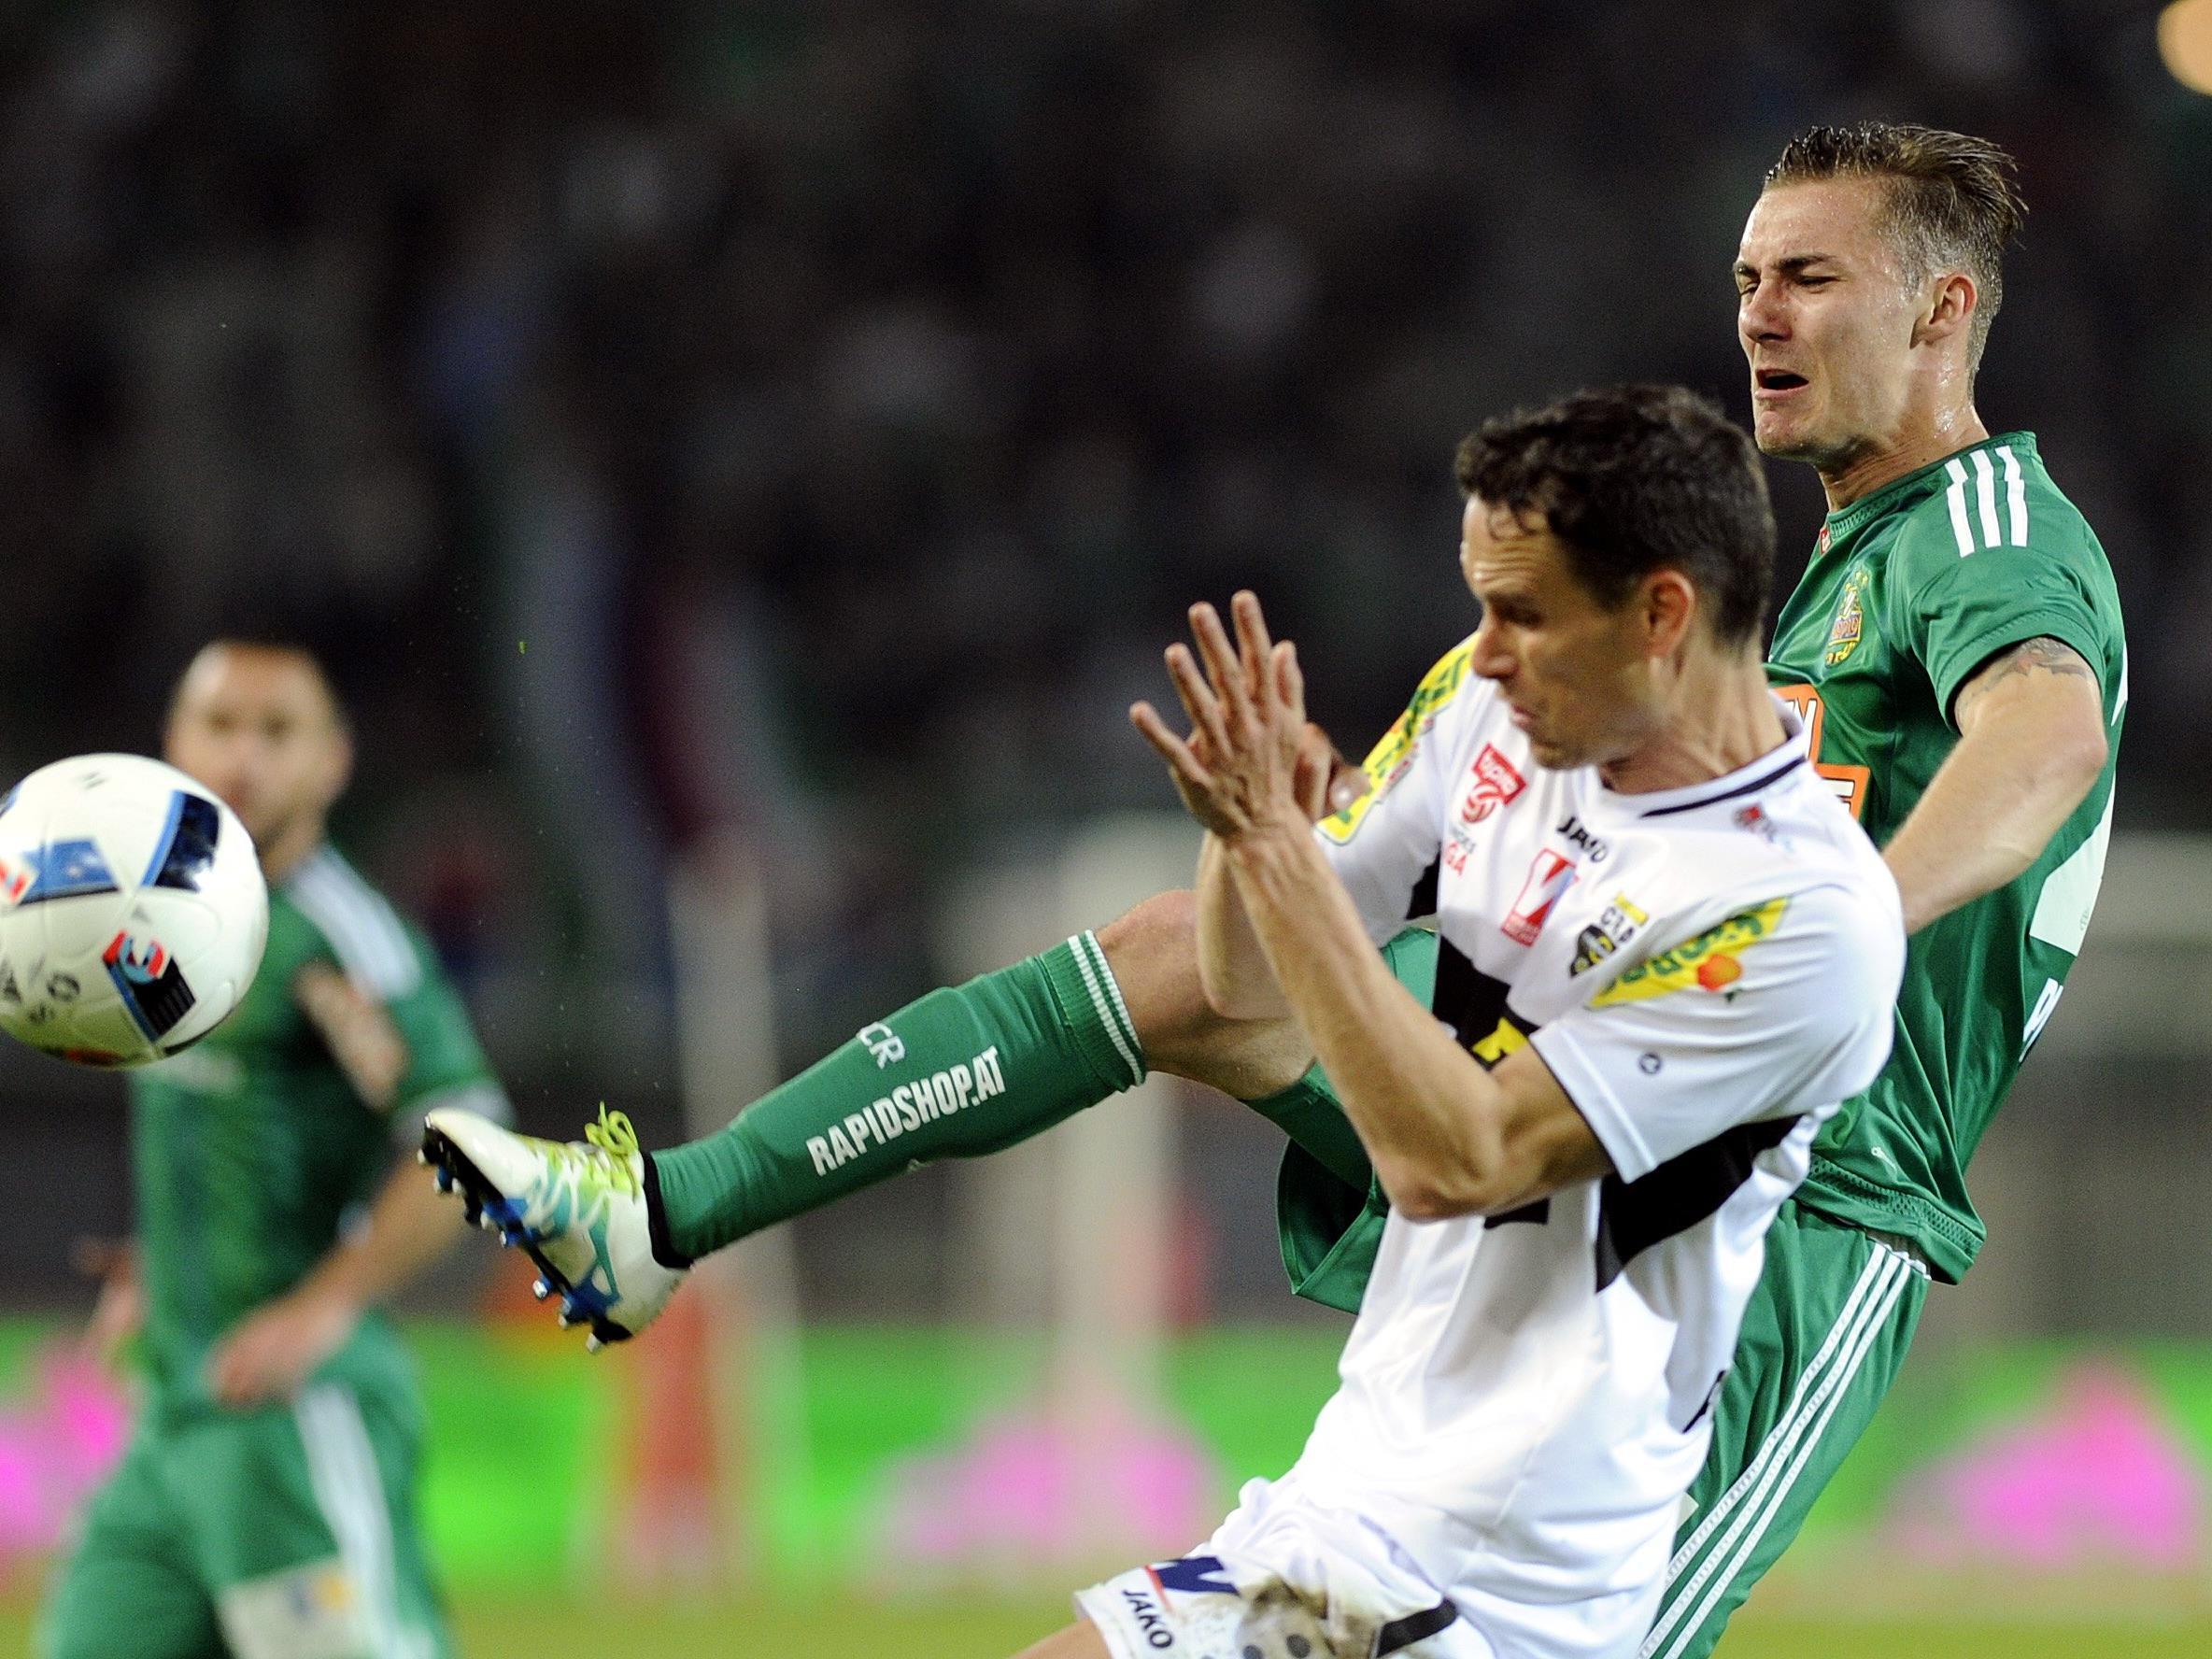 Das sind die Meinungen zum Spiel Rapid Wien gegen Altach.